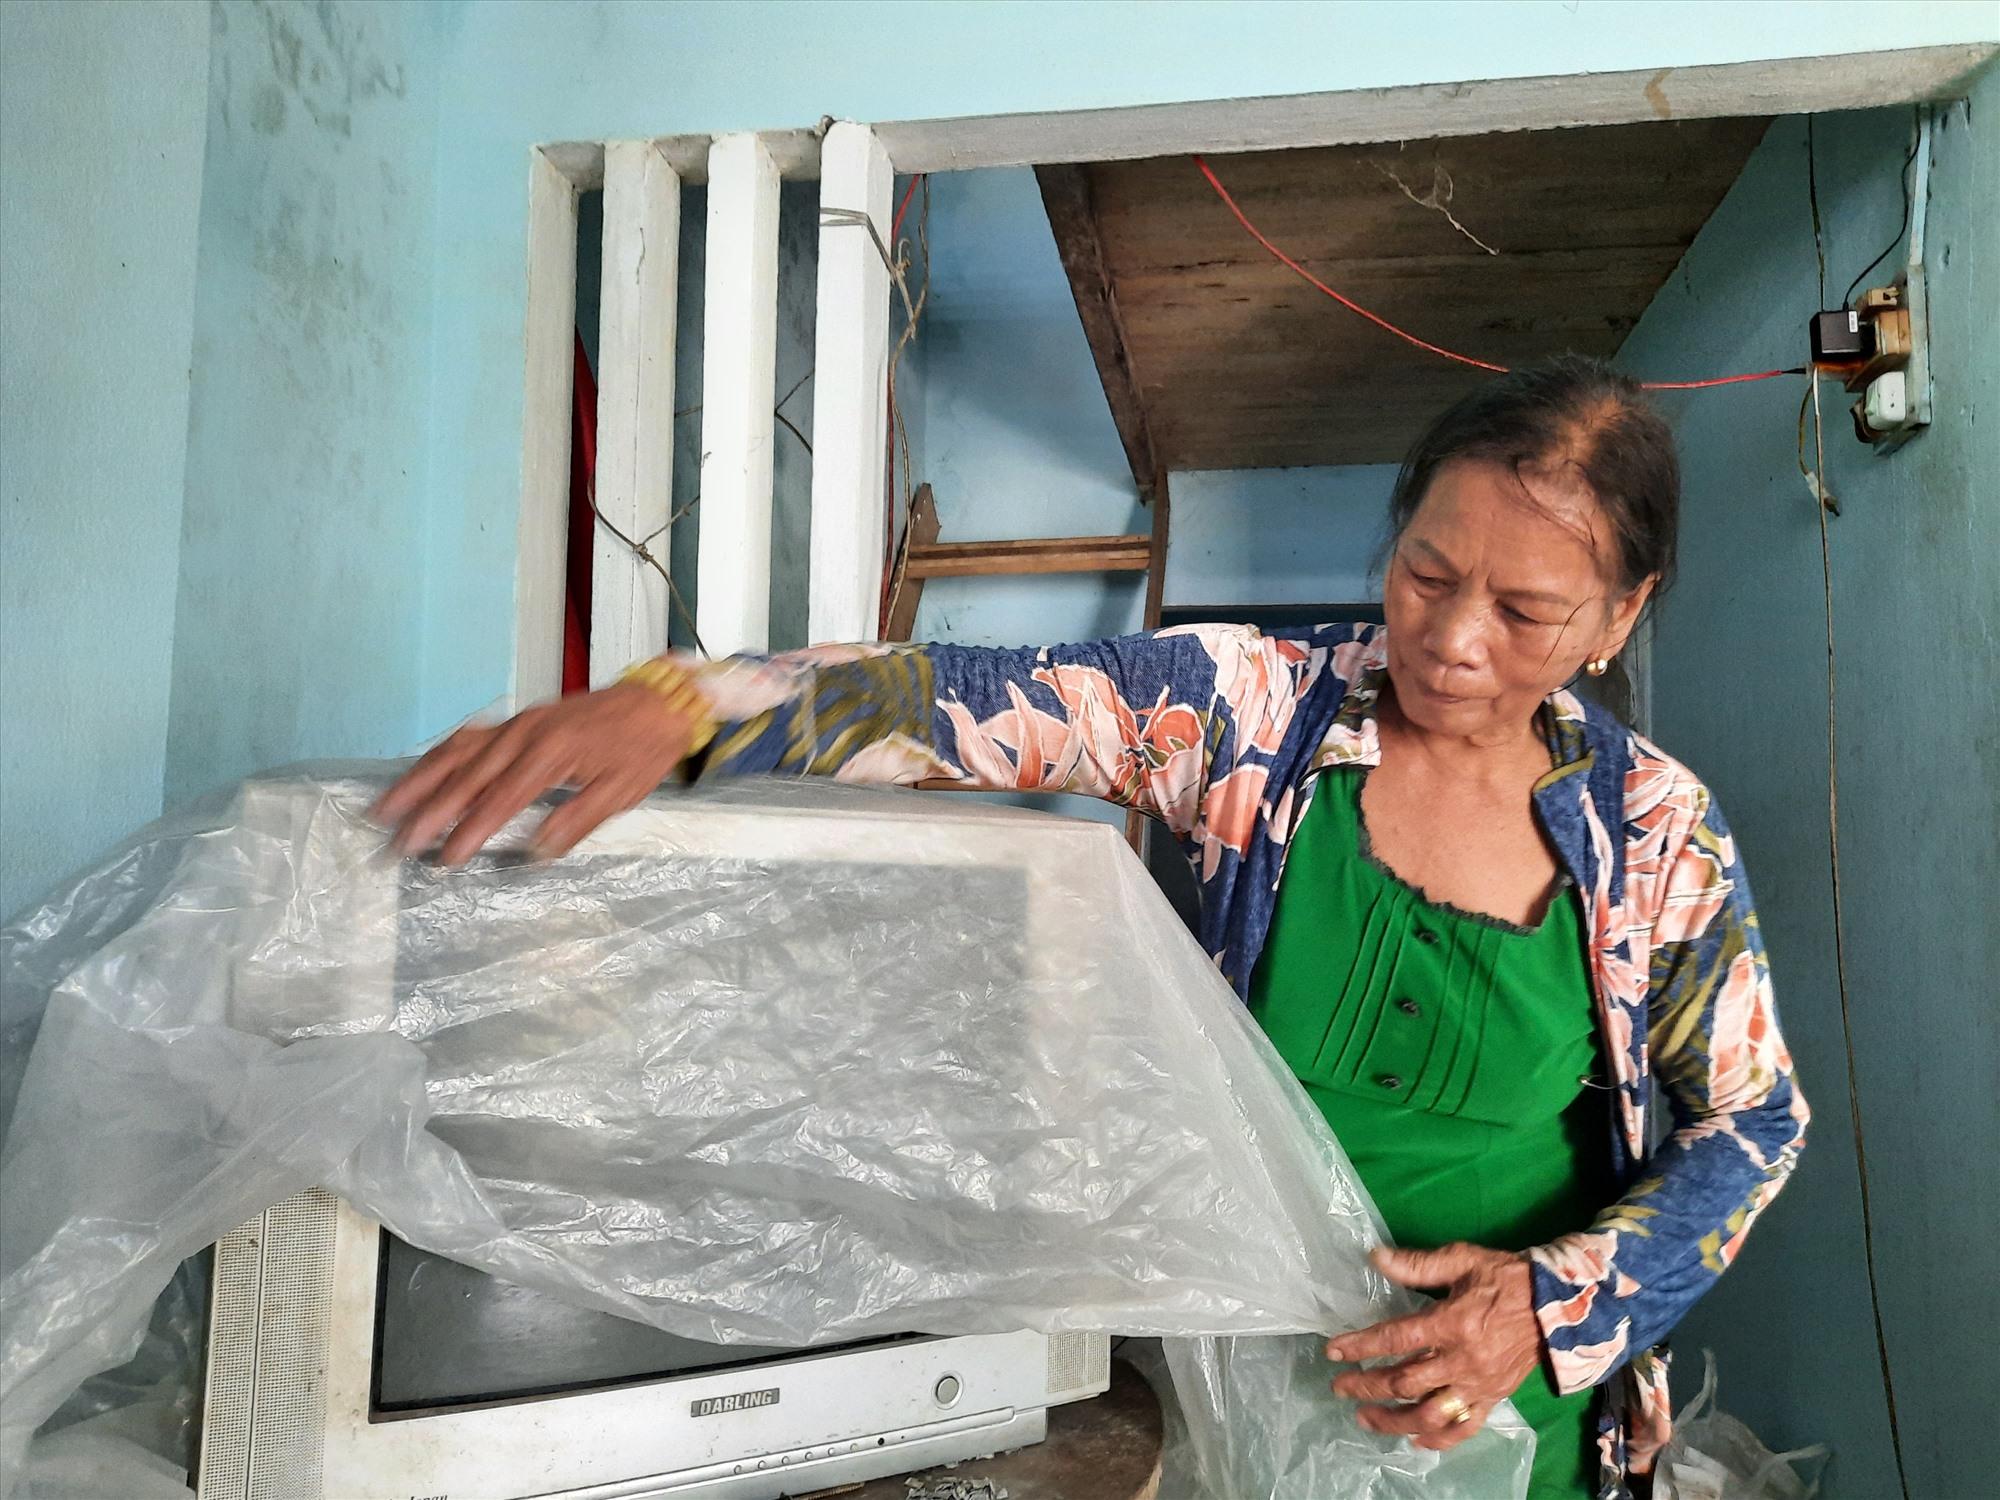 Bà Phạm Thị Hương (thôn Hòa Thượng, xã Tam Thanh) khẩn trương thu dọn vận dụng gia đình để tránh mưa bão gây thiệt hại. Ảnh: HỒ QUÂN